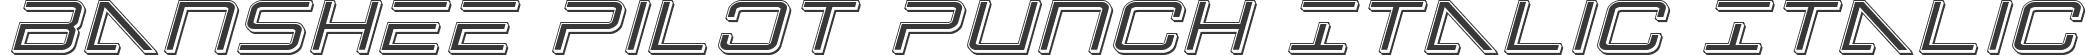 Banshee Pilot Punch Italic Italic